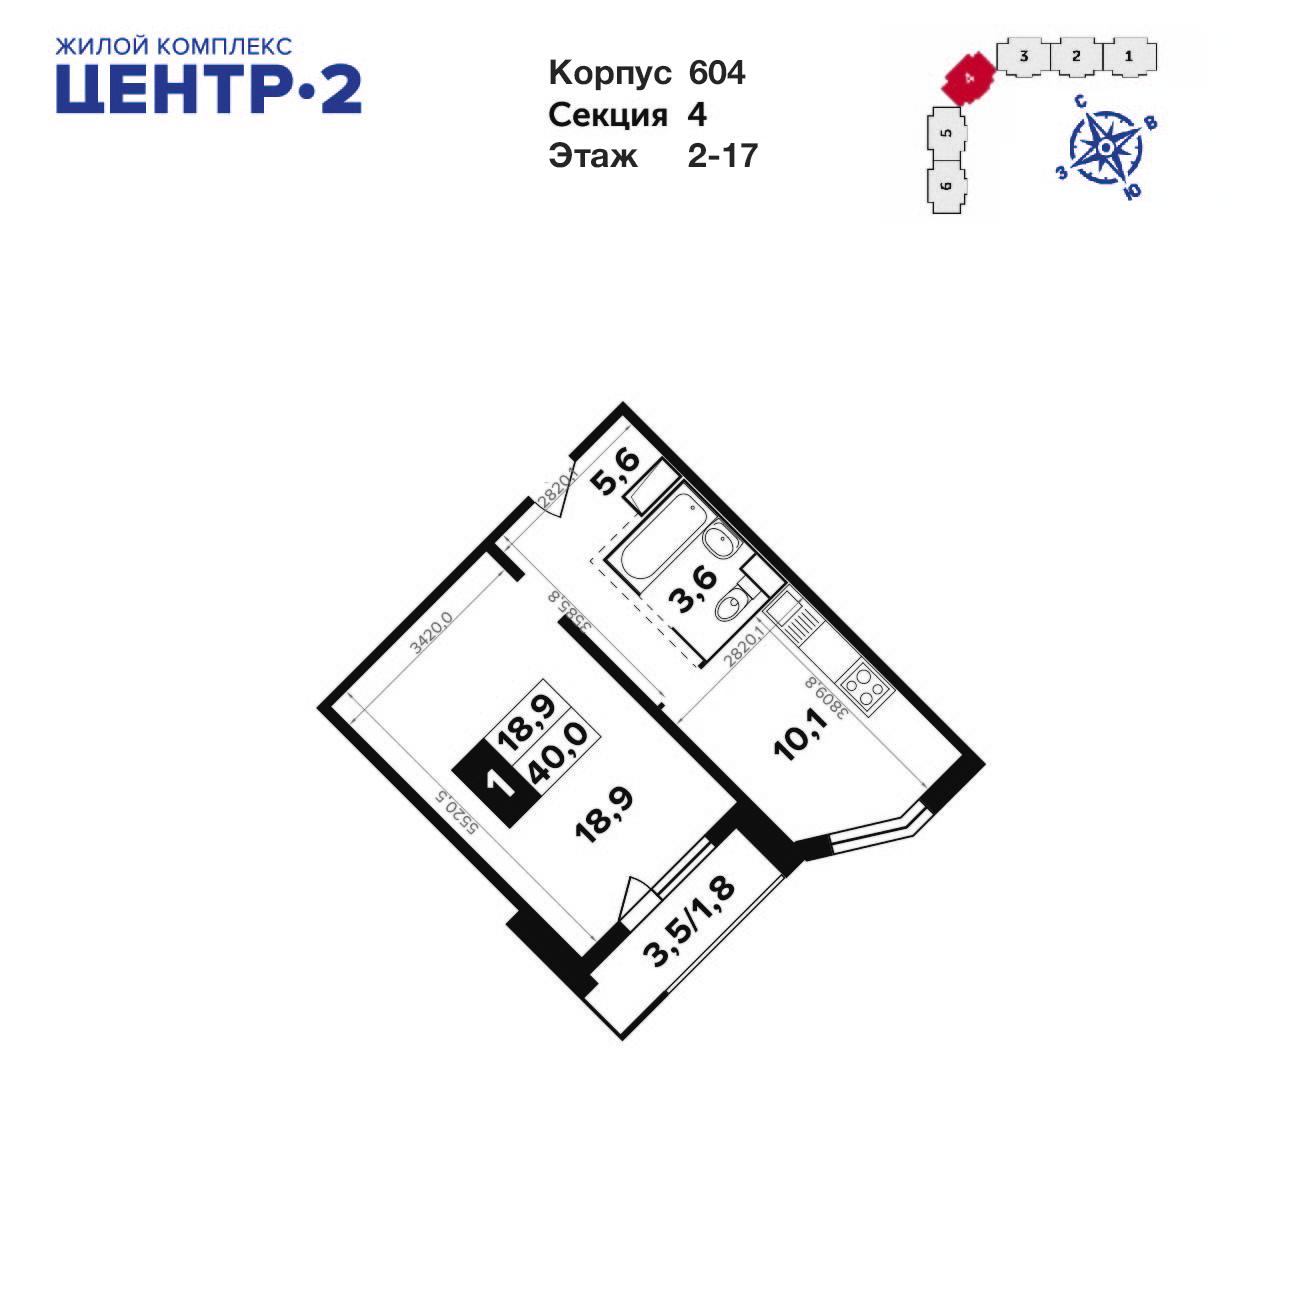 1-комнатная квартира, 39.8м² за 4,9 млн руб.